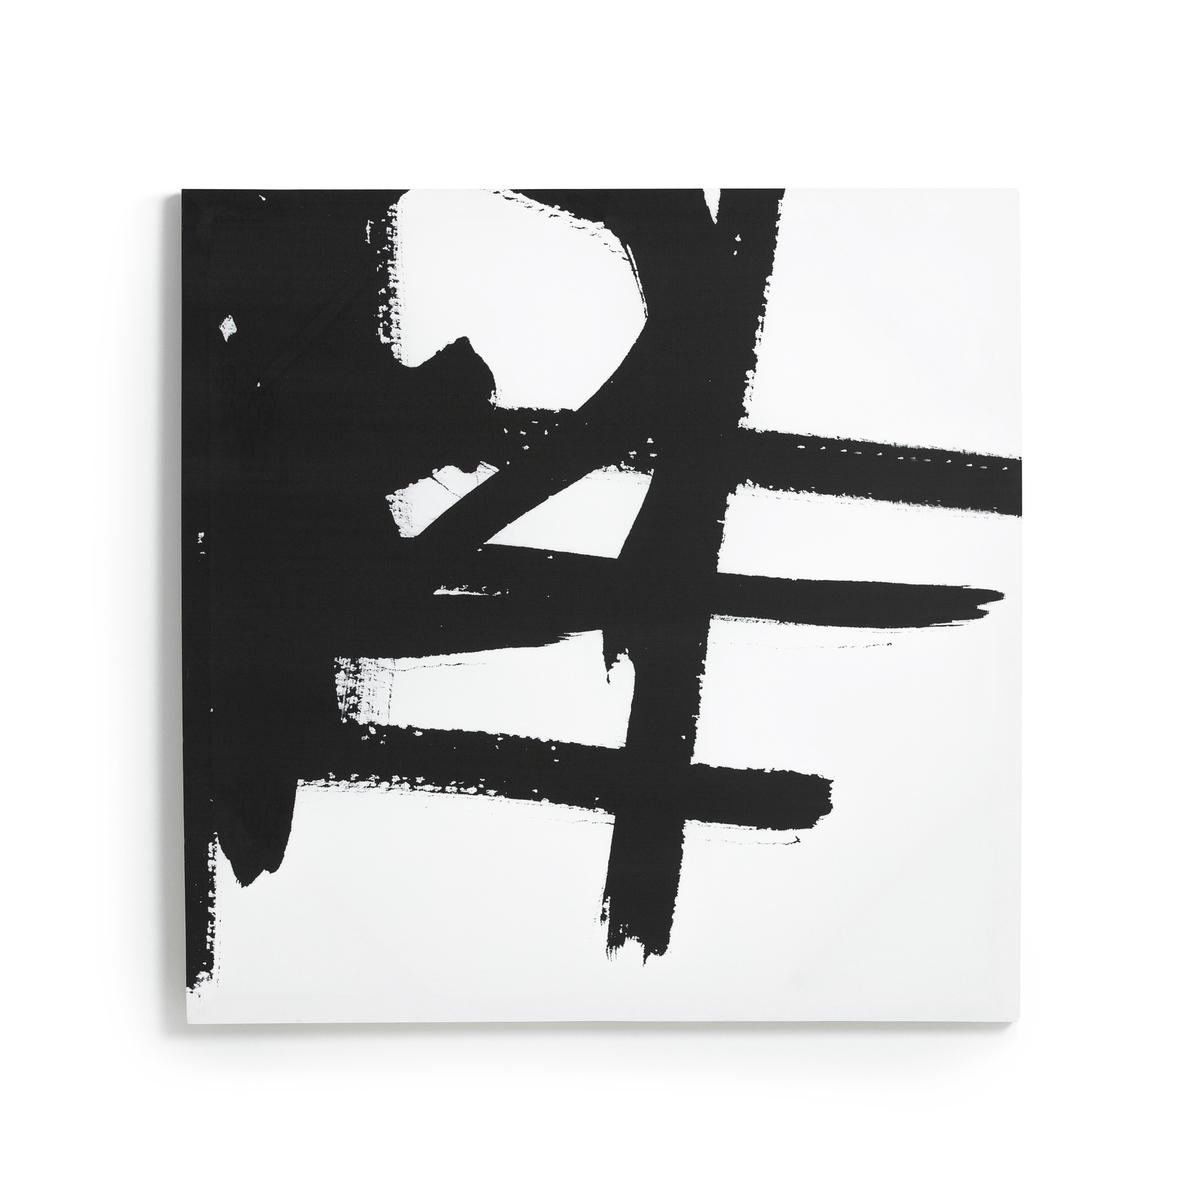 Рисунок на холсте 1, DystilaLa Redoute<br>Рисунок на канве Dystila. Абстрактный черно-белый рисунок сочетается с рисунком 2 Dystila, продающимся на нашем сайте. 2 крючка для крепления к стене (болты и дюбели в состав не входят). Размеры : Ш80 x В80 см.<br><br>Цвет: черный